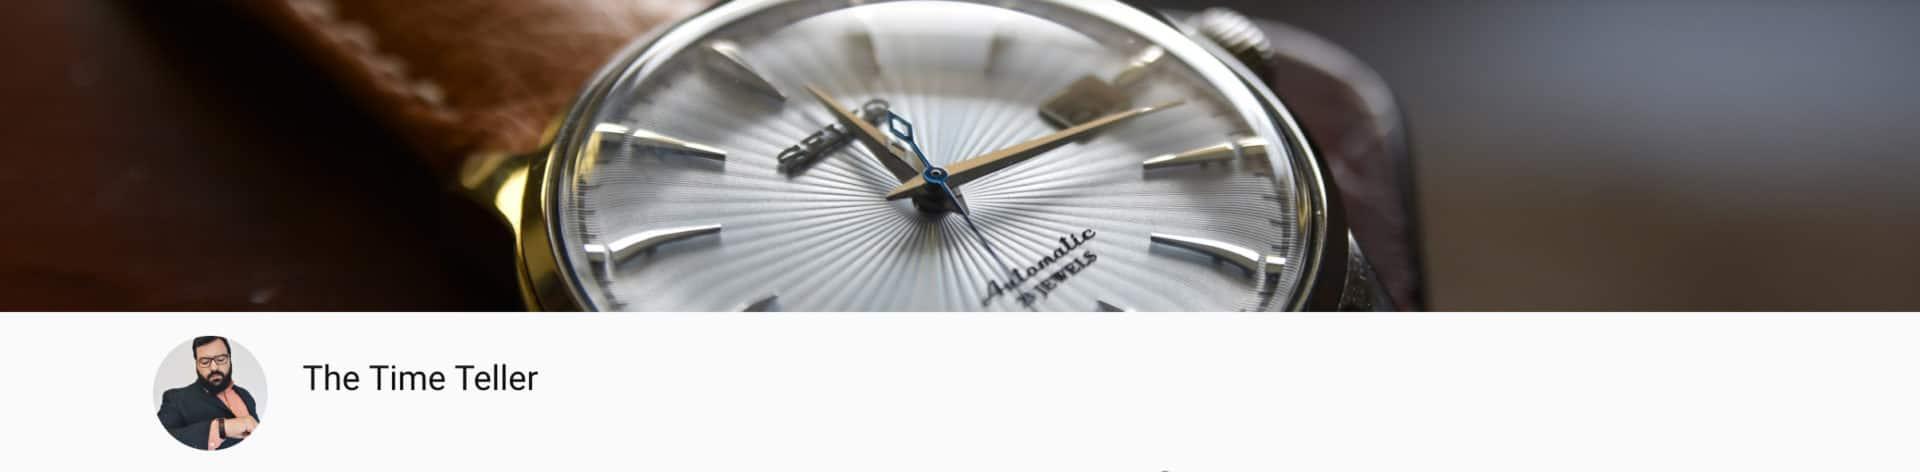 yt the time teller